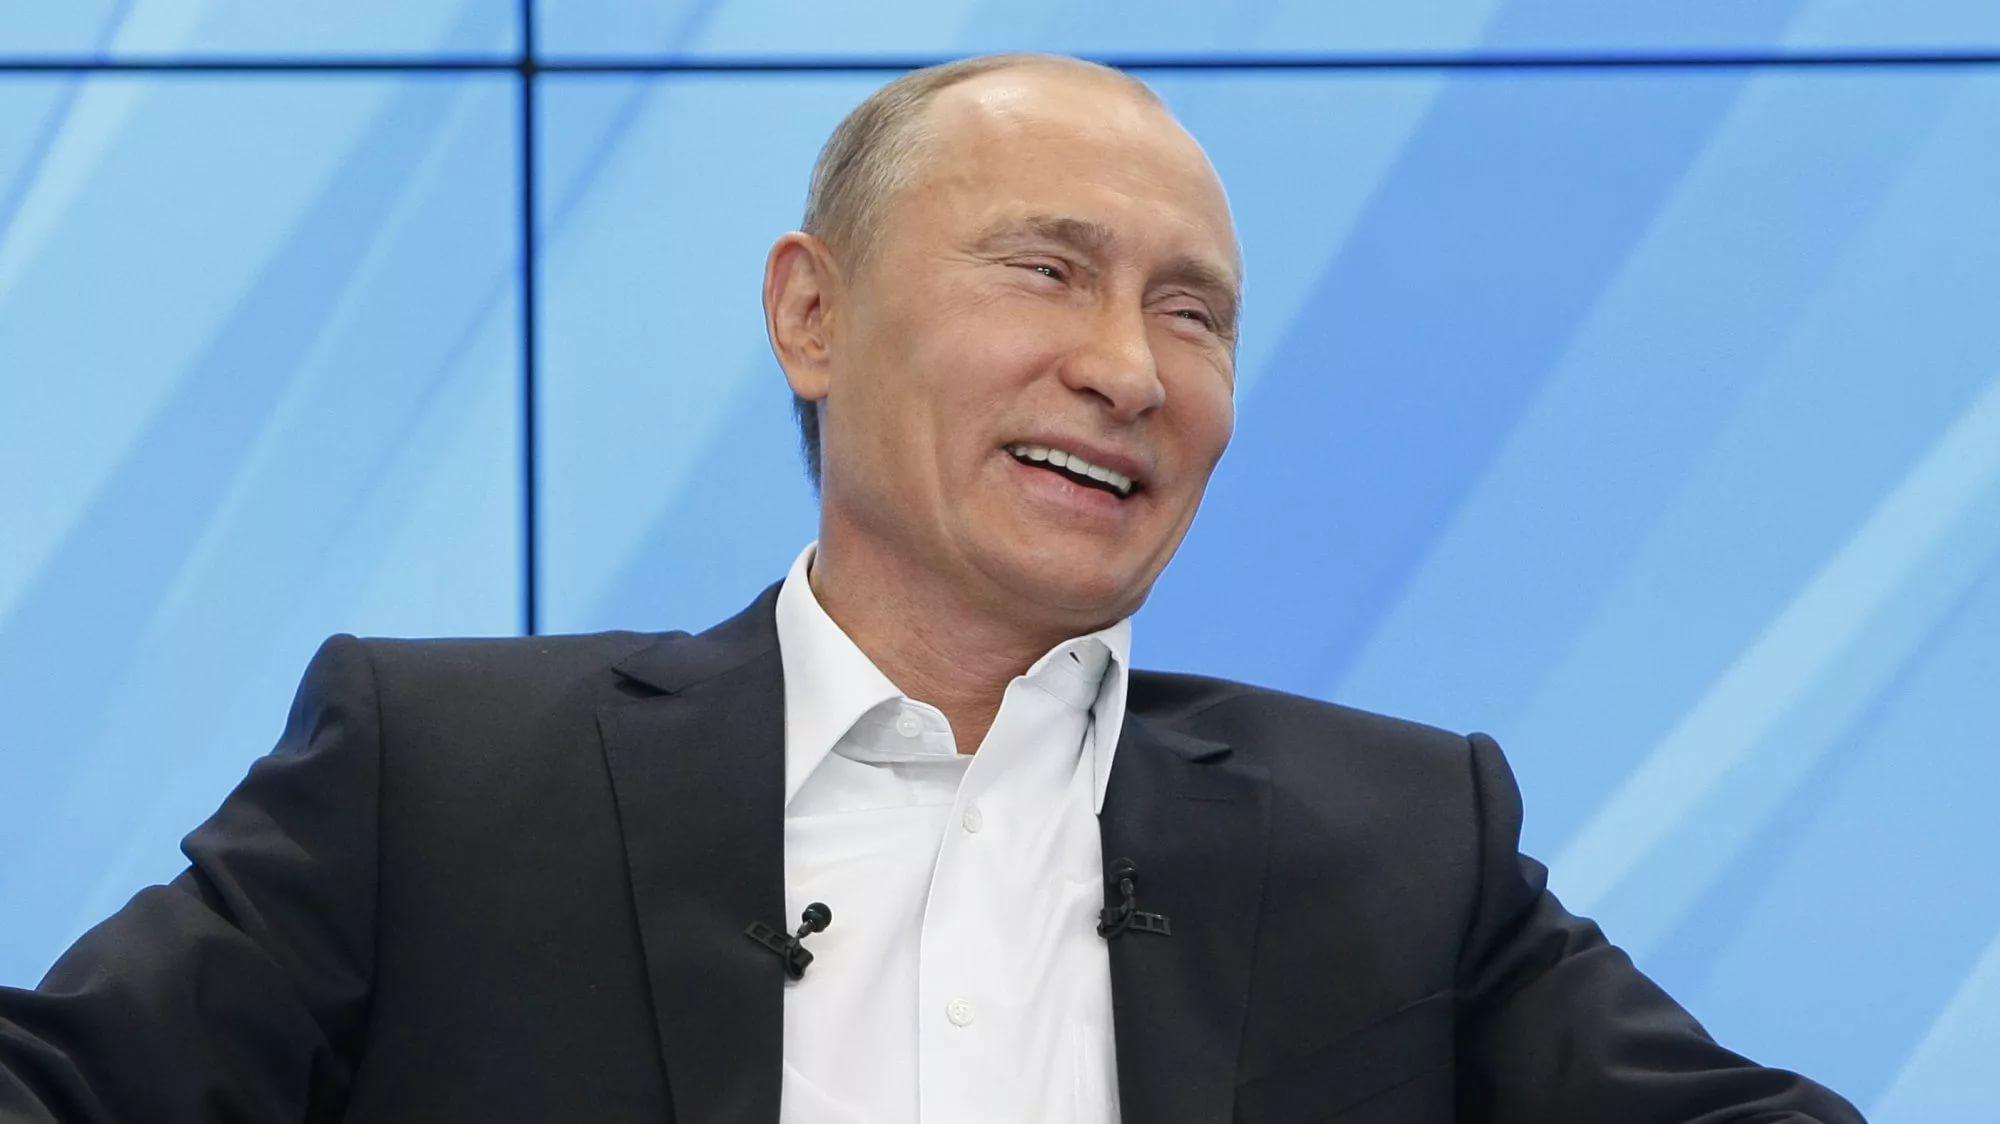 Путін про отруйників Скрипалів: Ми їх знайшли. Нічого там особливого і кримінального немає. Це цивільні - Цензор.НЕТ 1673